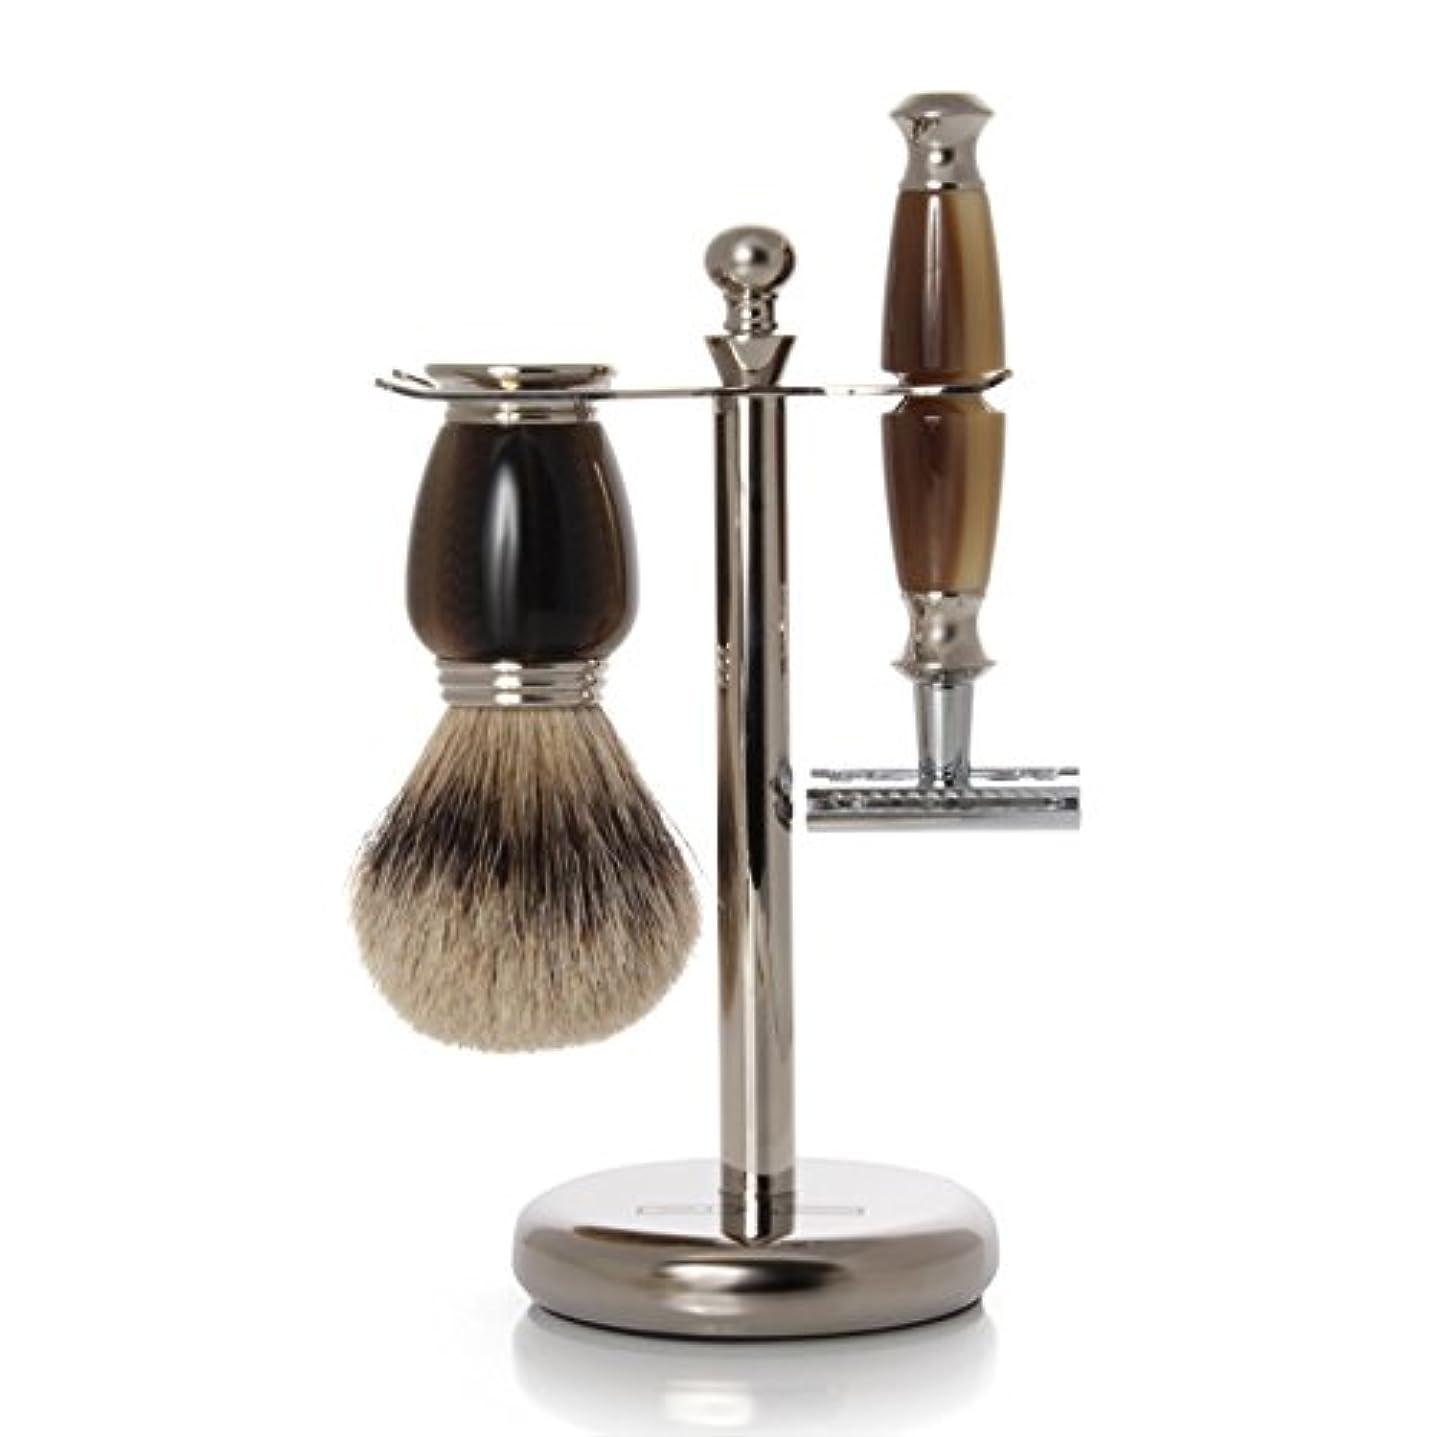 揃える逆説分解するGOLDDACHS Shaving Set, Safety Razor, Silvertip, Galalith